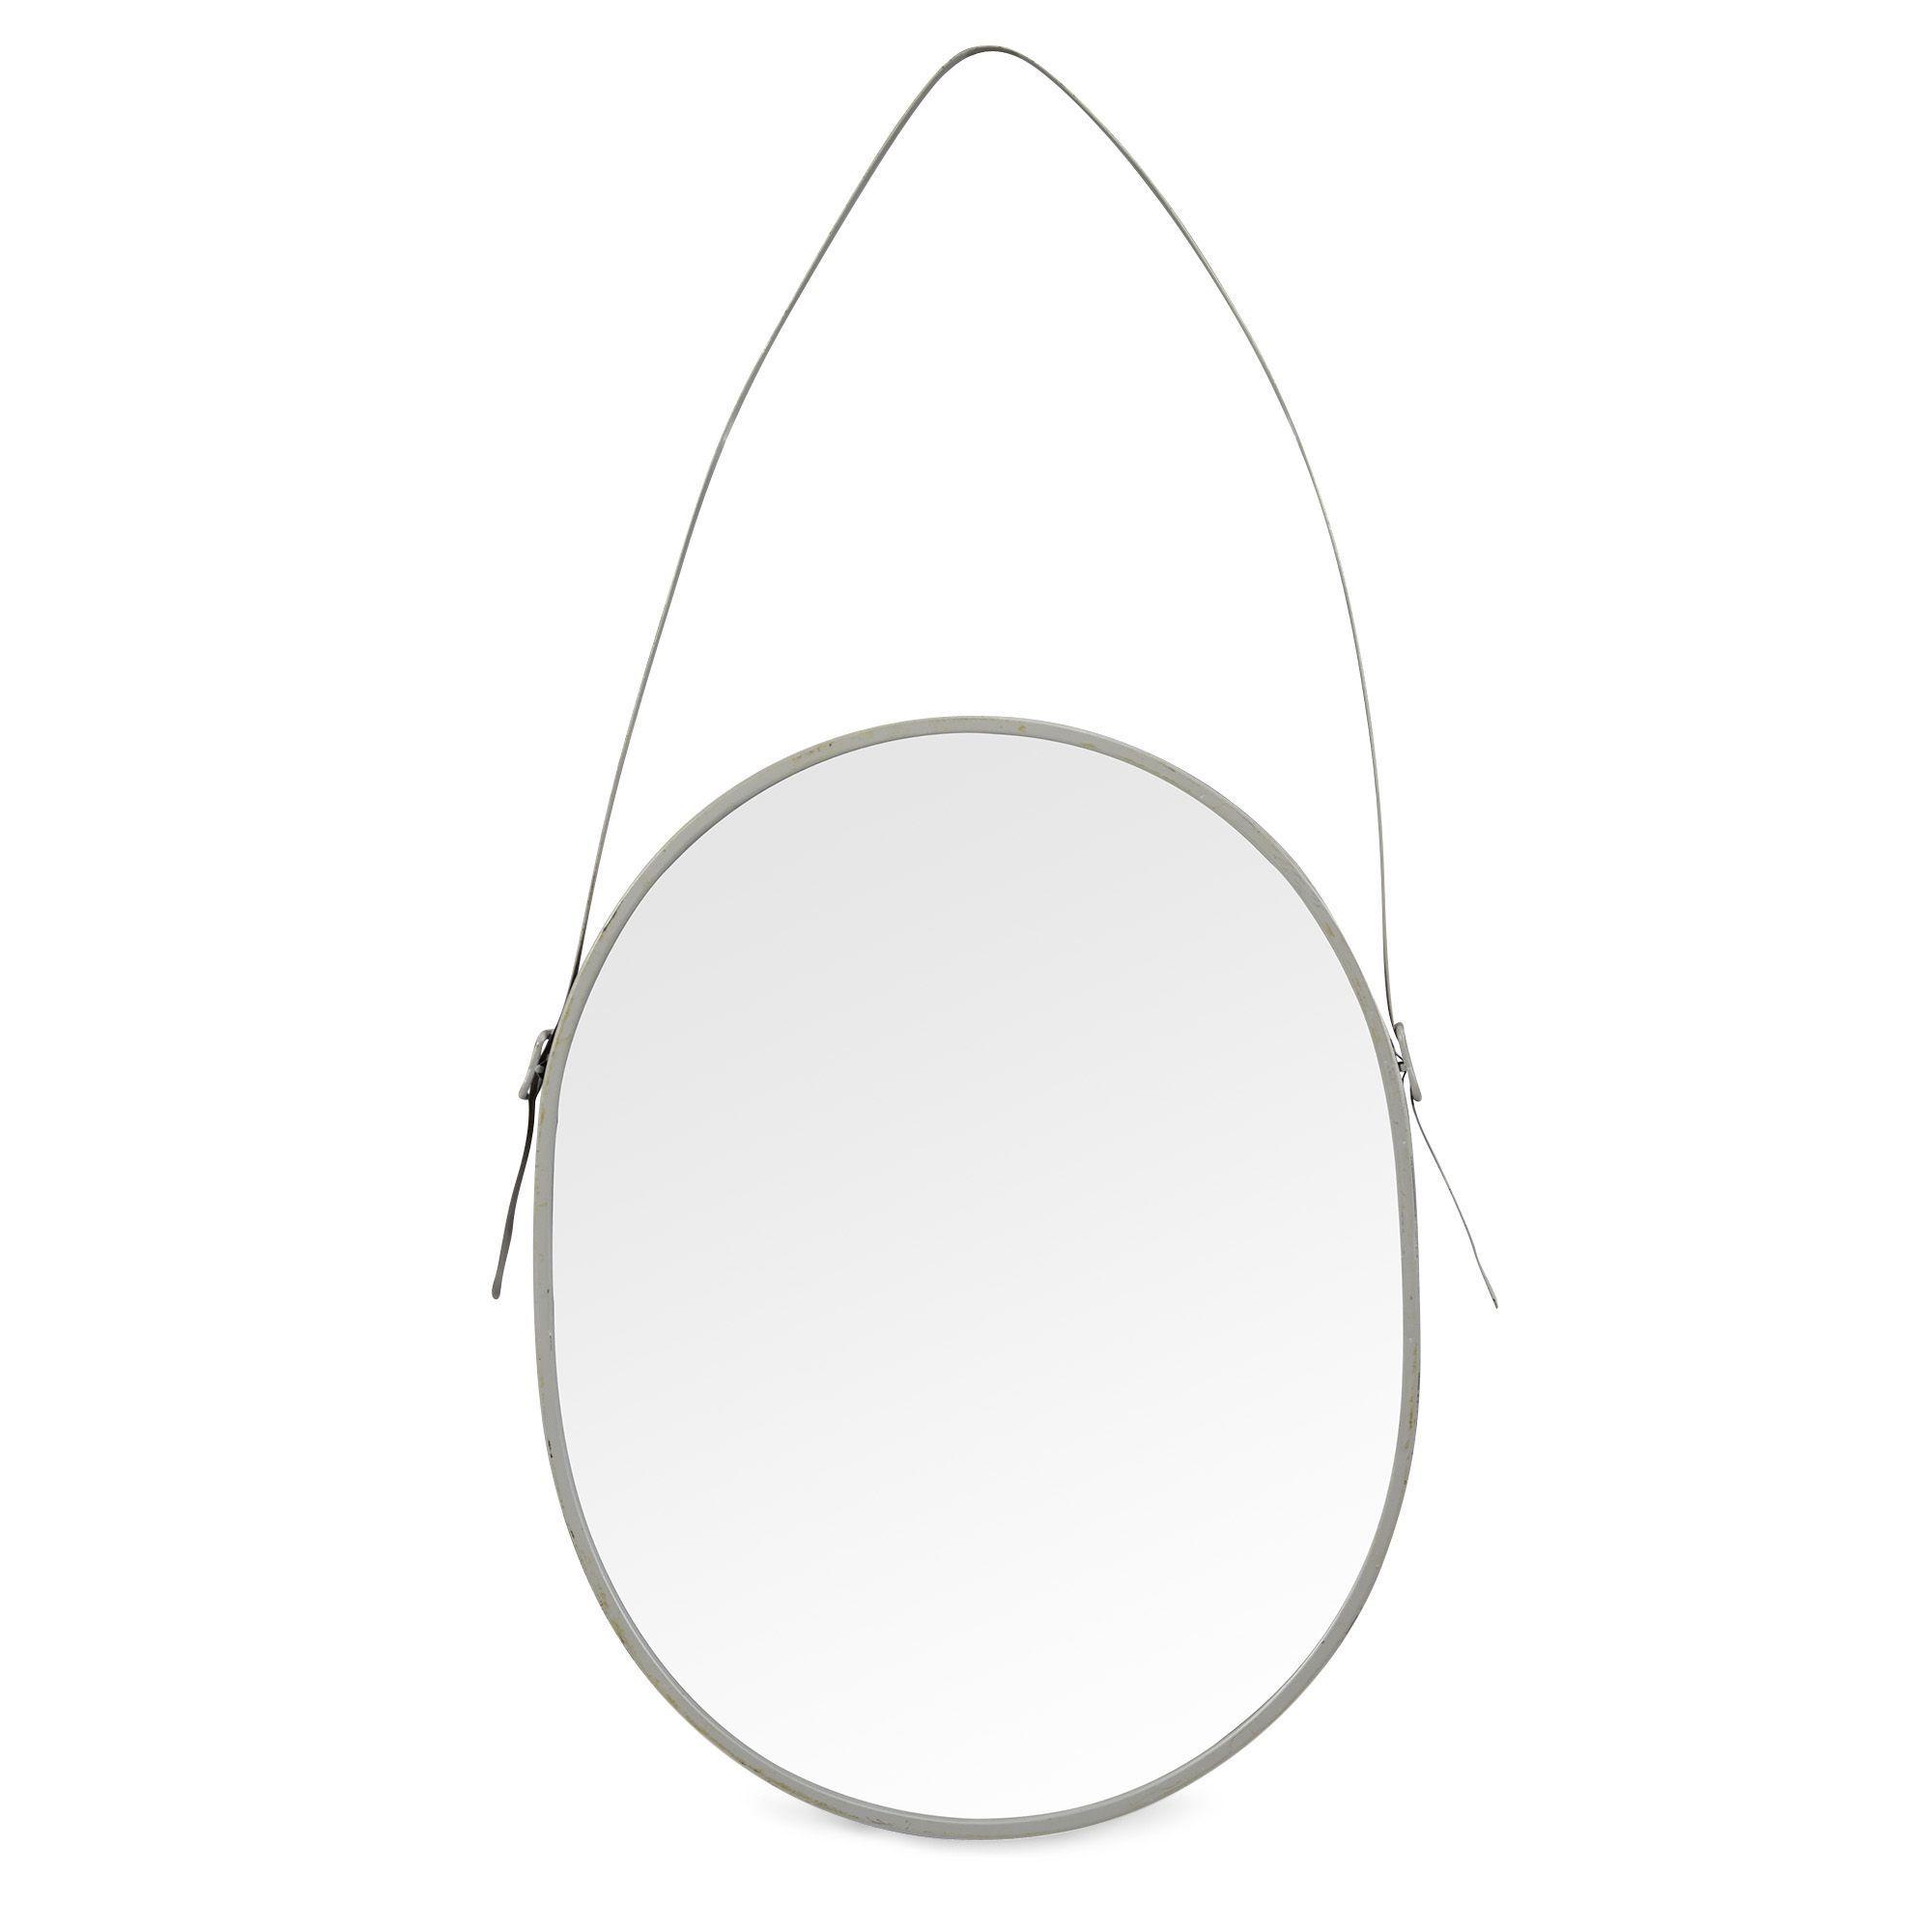 miroir ovale 78x51cm dolat miroirs vases objets de. Black Bedroom Furniture Sets. Home Design Ideas